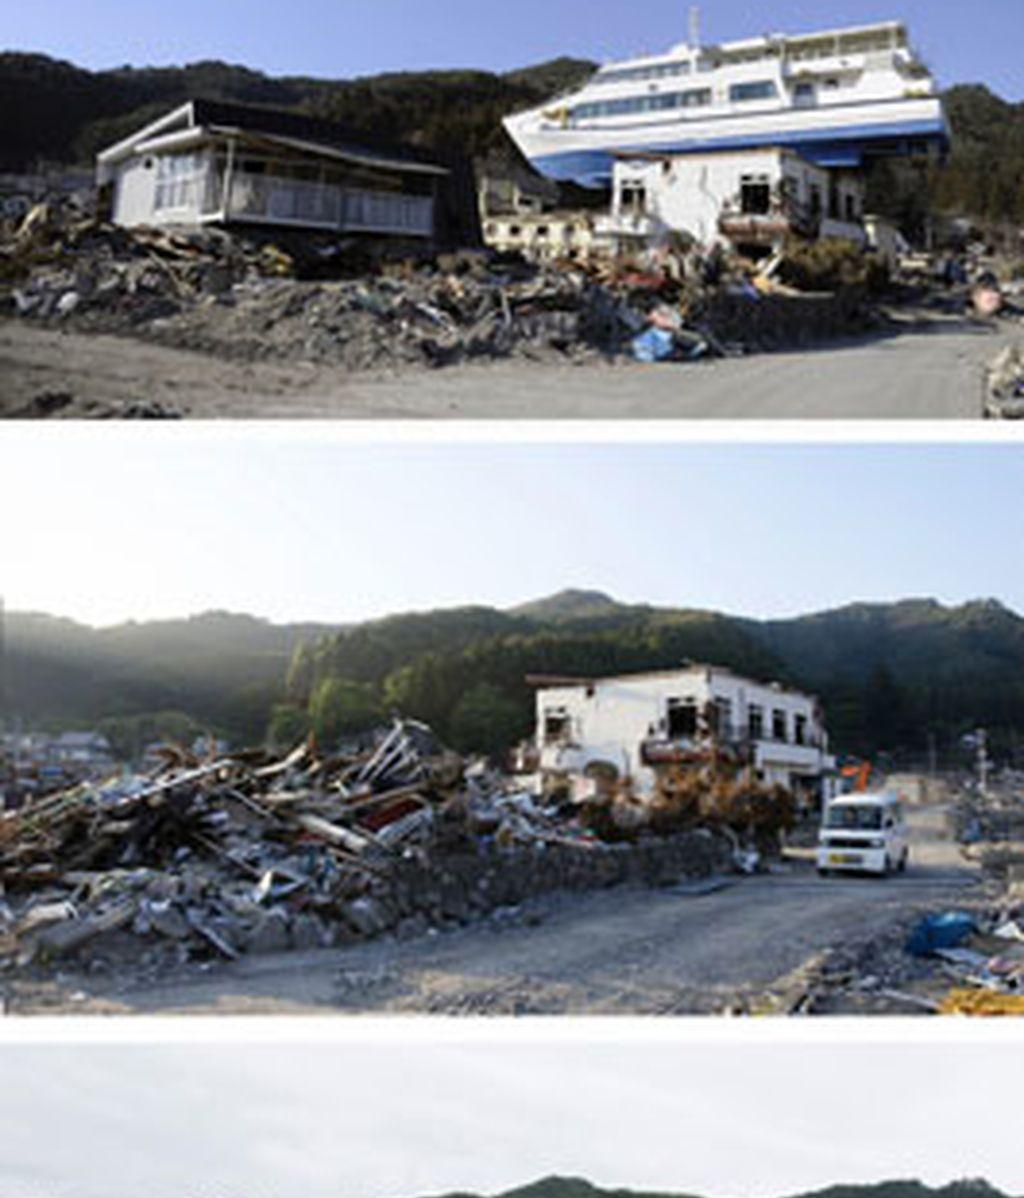 En Otsuchi, un barco fue arrastrado encima de una casa